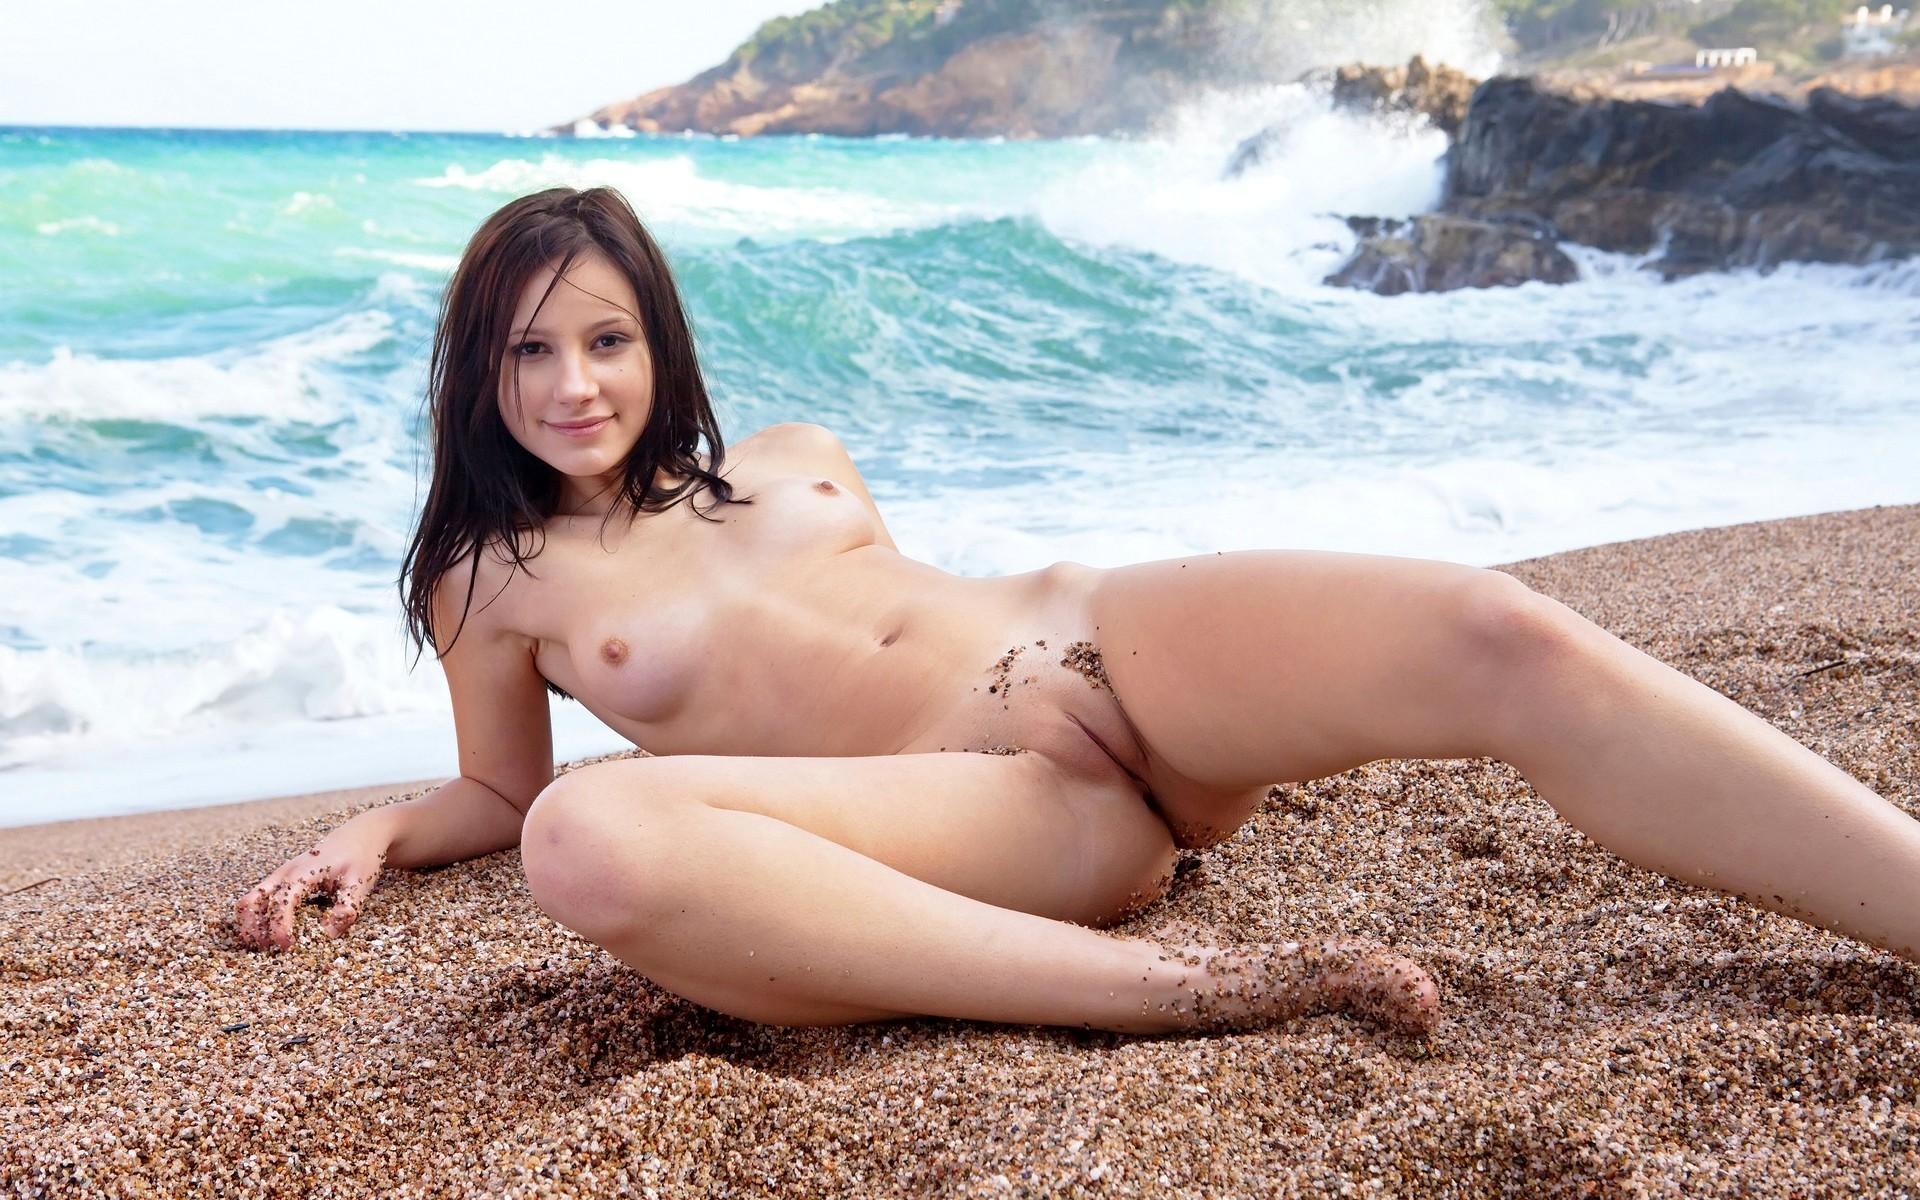 Фото голой девушки из витебска